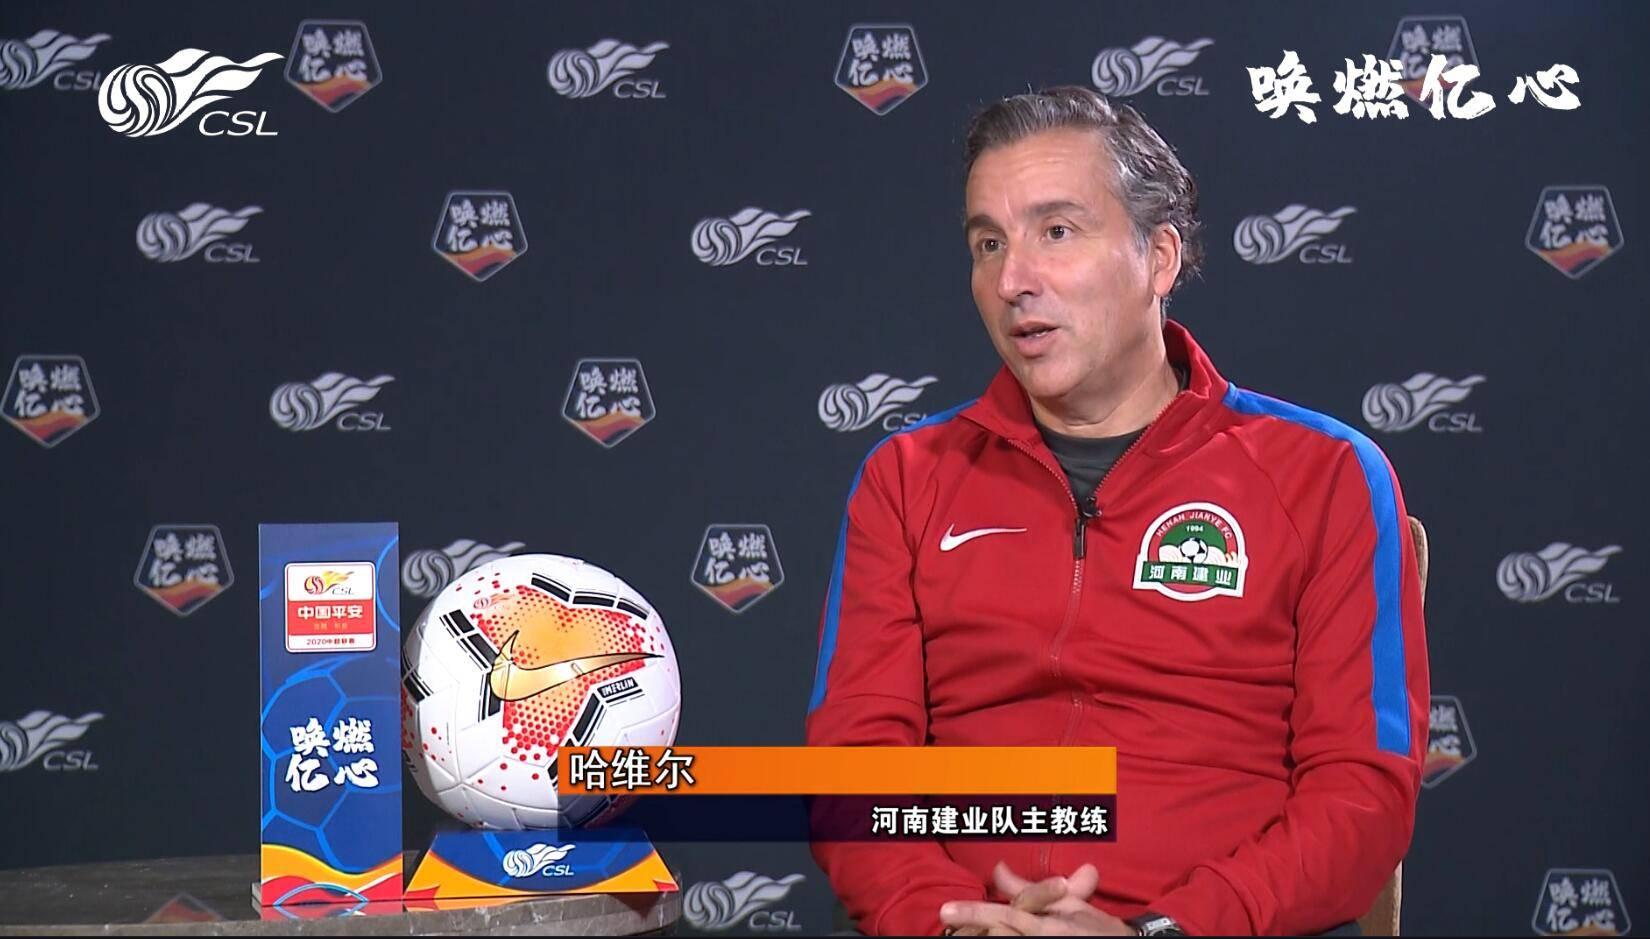 建业主帅:中超联赛体现纯粹足球 跟西甲